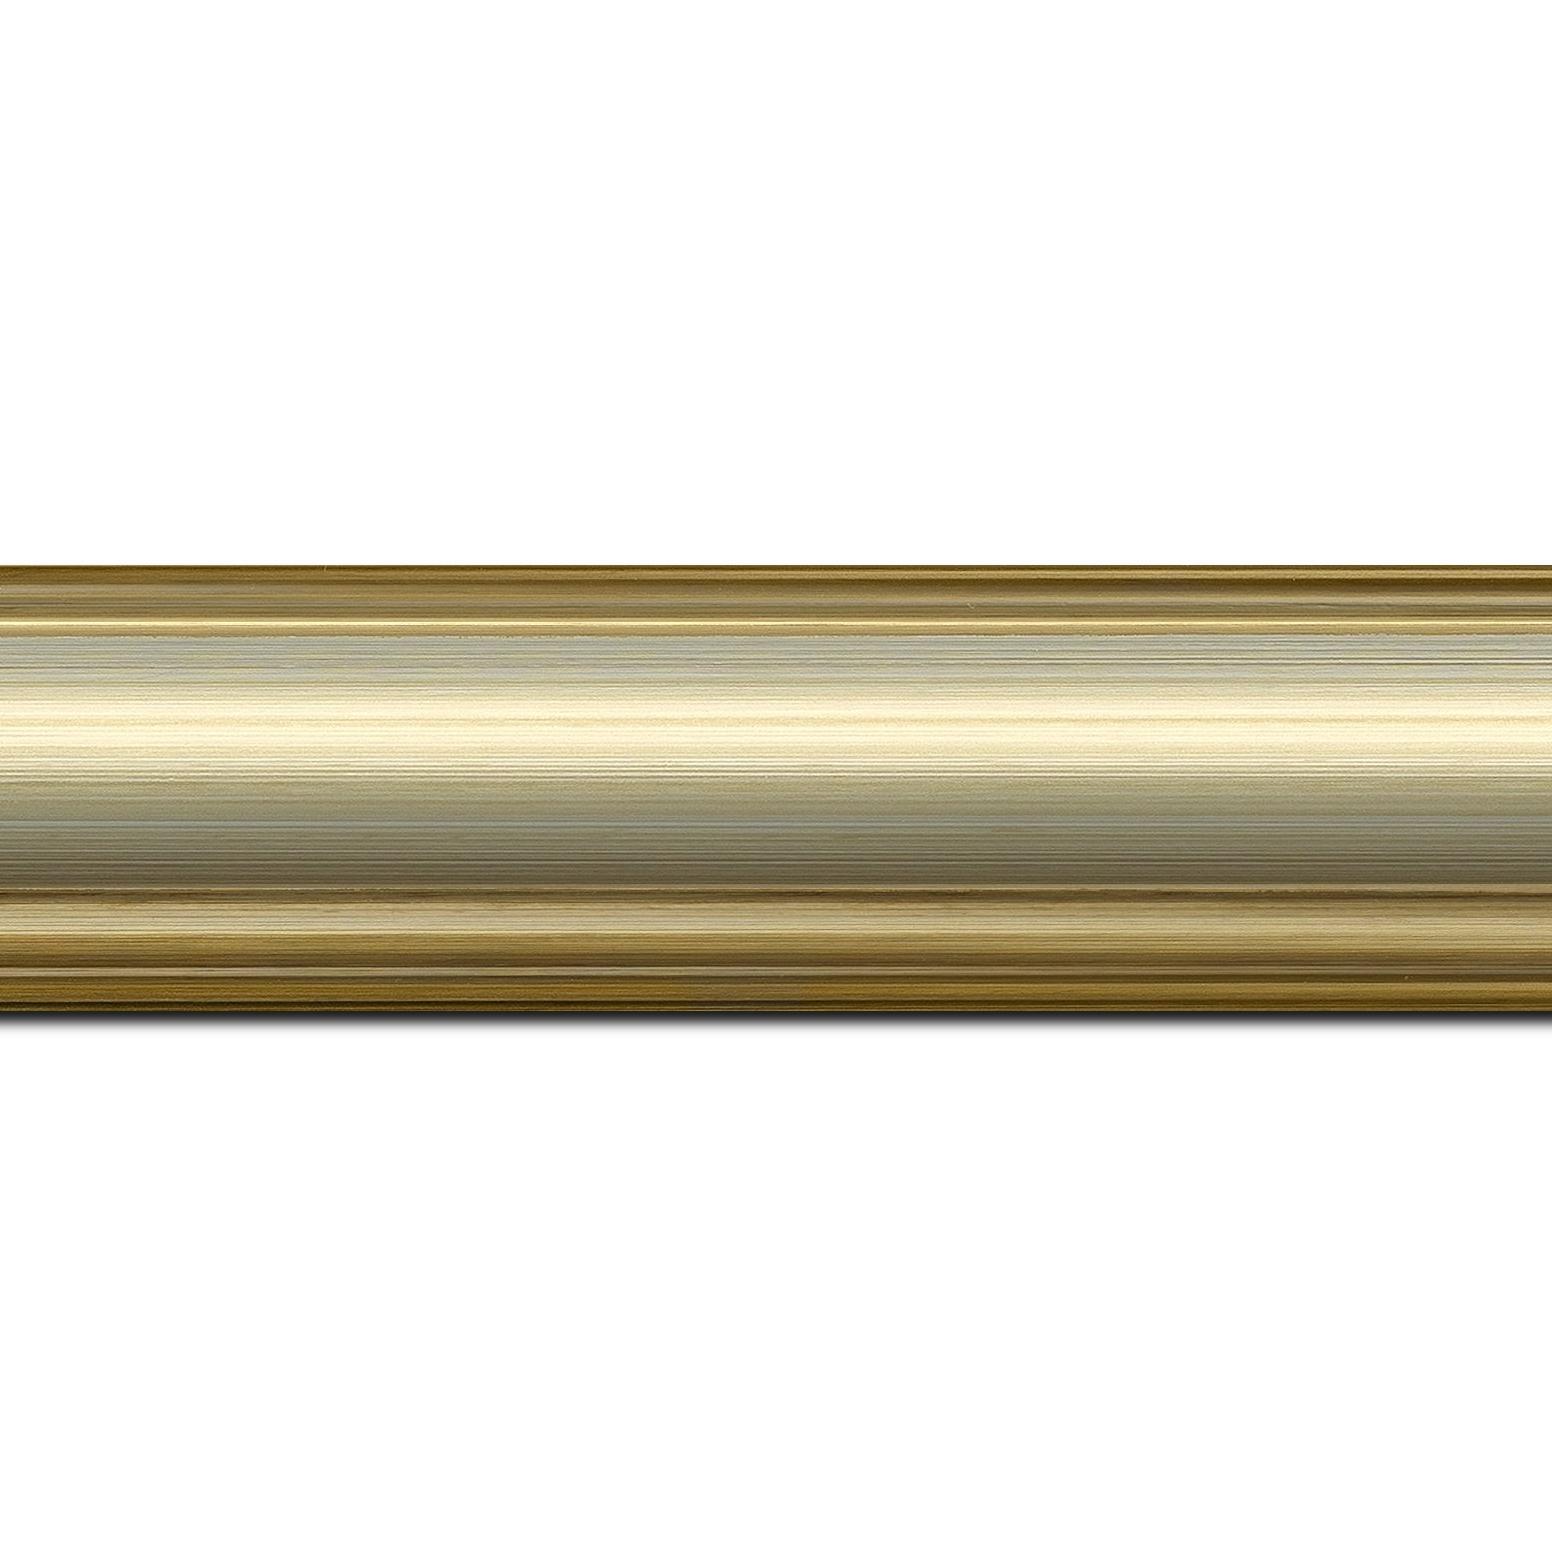 Pack par 12m, bois profil doucine inversée largeur 4.4cm or gorge champagne(longueur baguette pouvant varier entre 2.40m et 3m selon arrivage des bois)